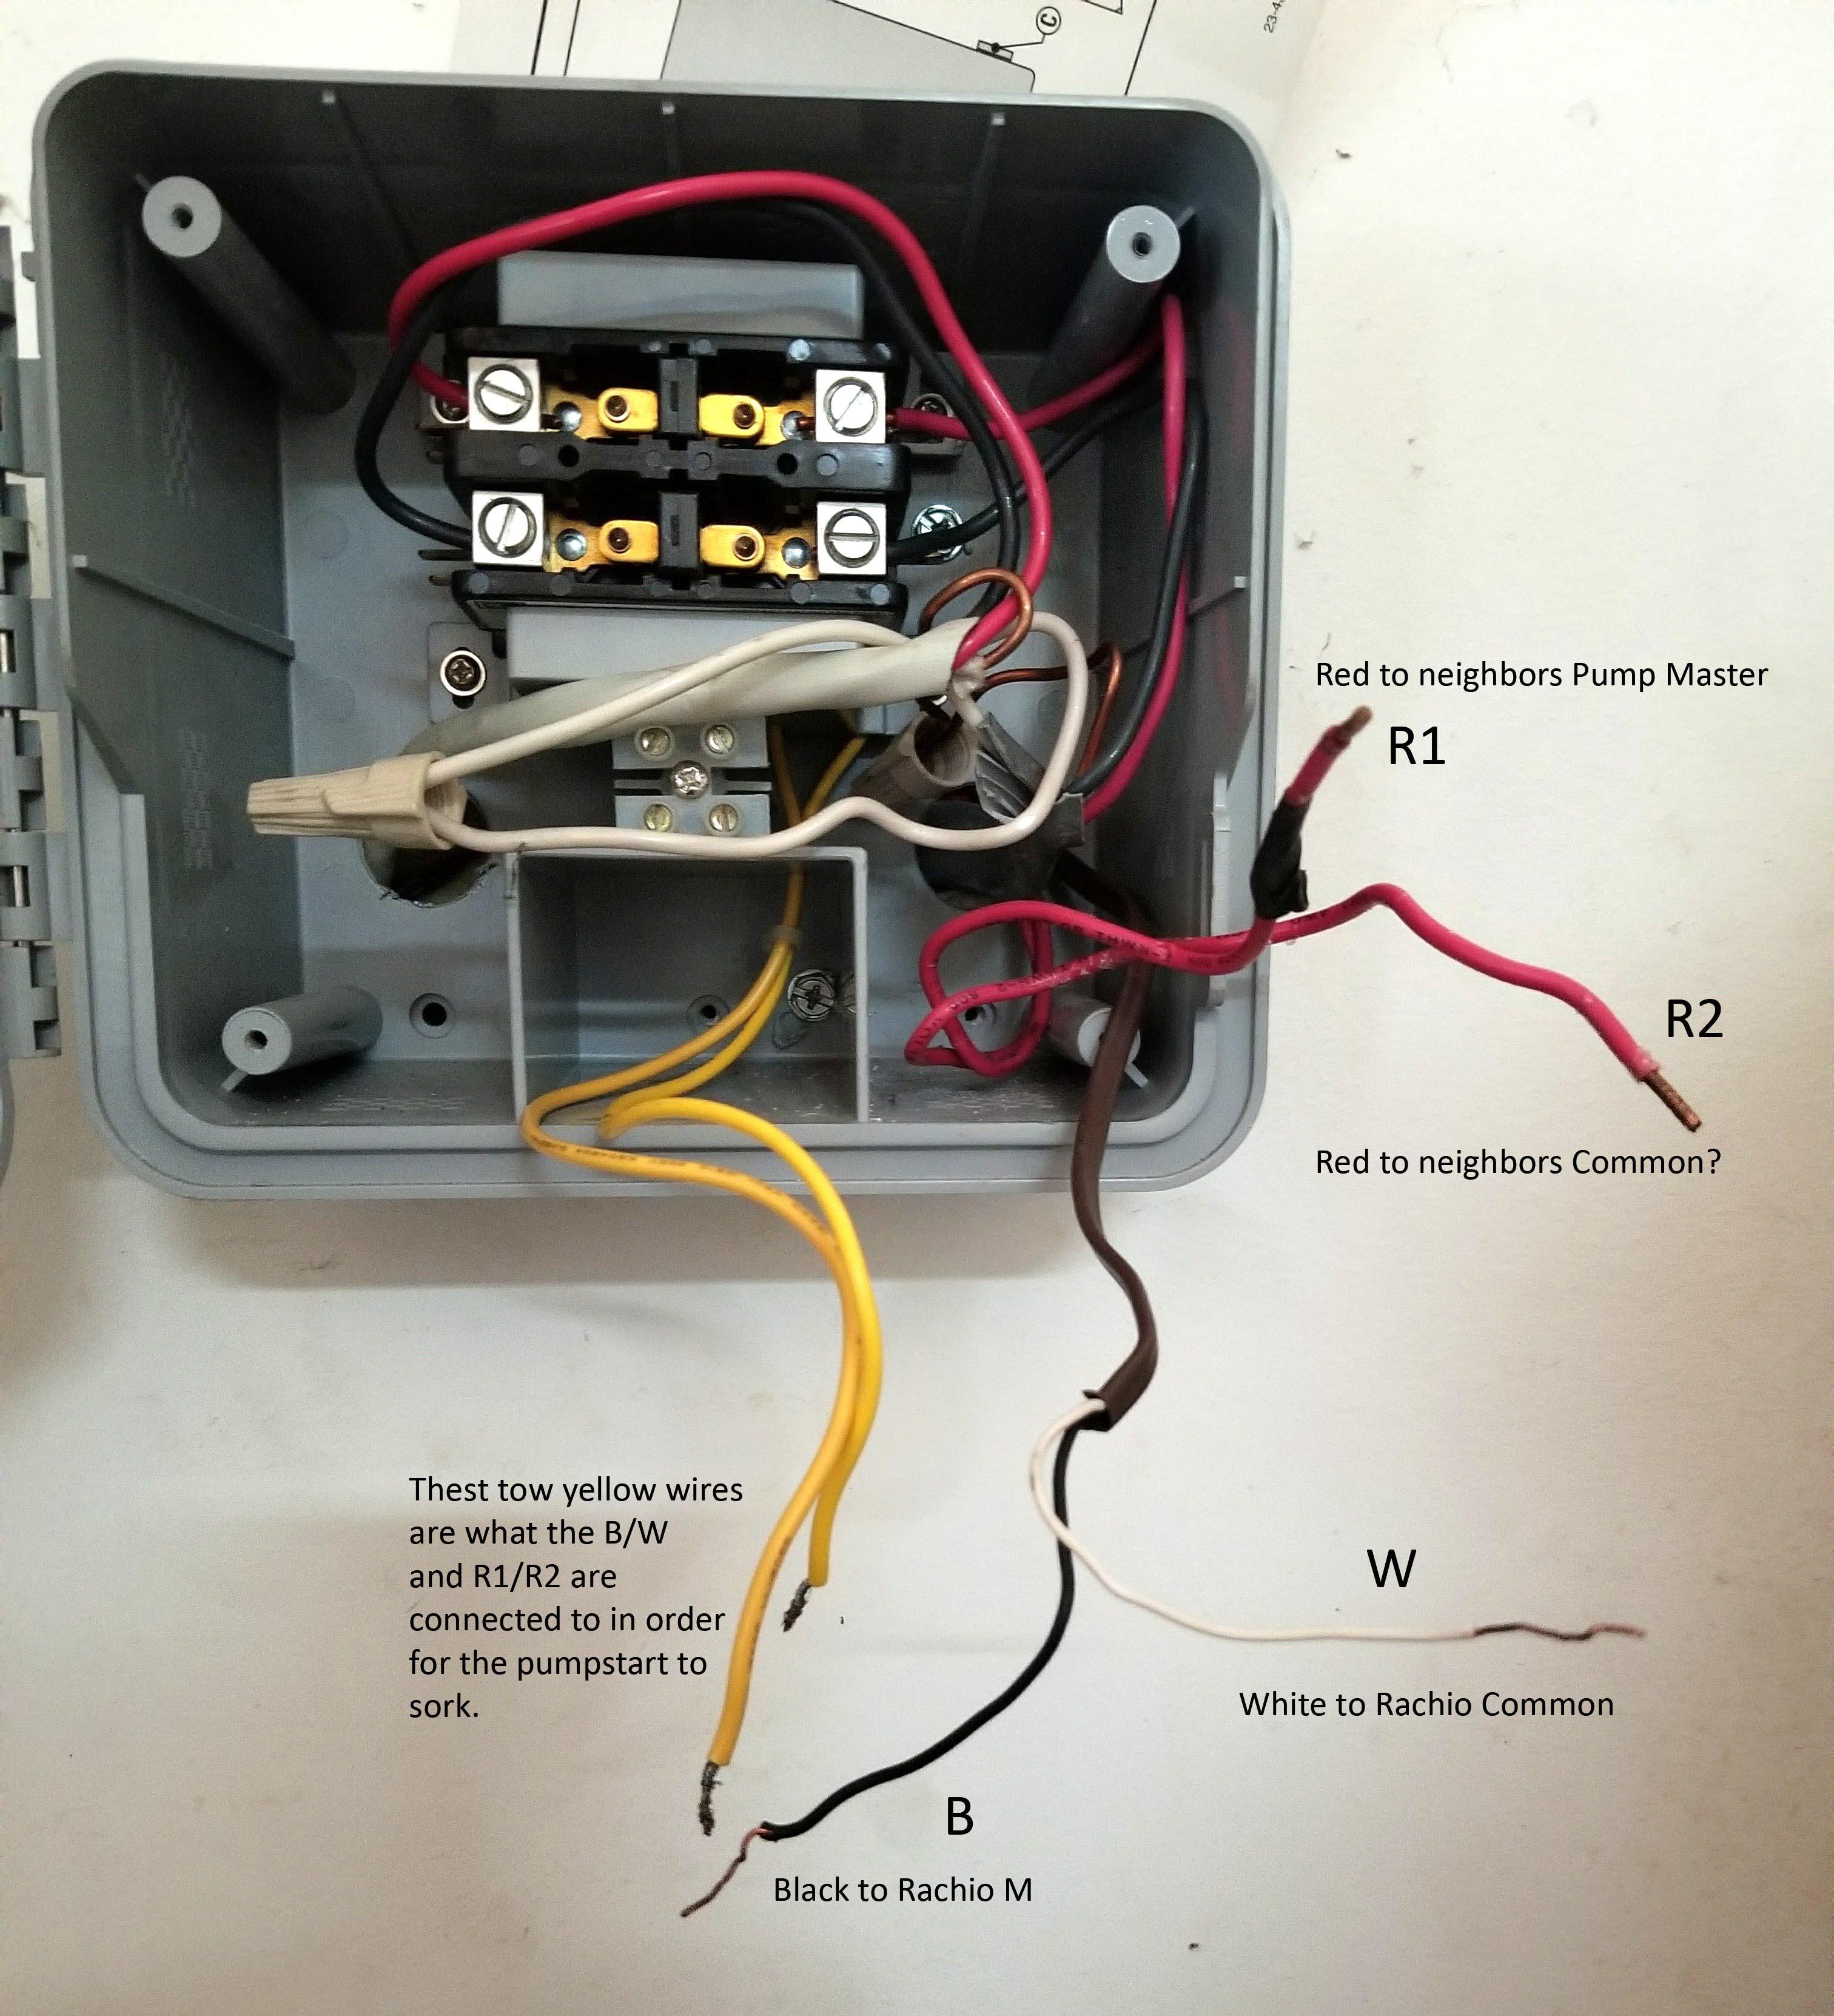 Orbit Pump Start Relay Wiring Diagram 2nd Gen Sharing A Pump Start Relay with A Hunter Controller Of Orbit Pump Start Relay Wiring Diagram